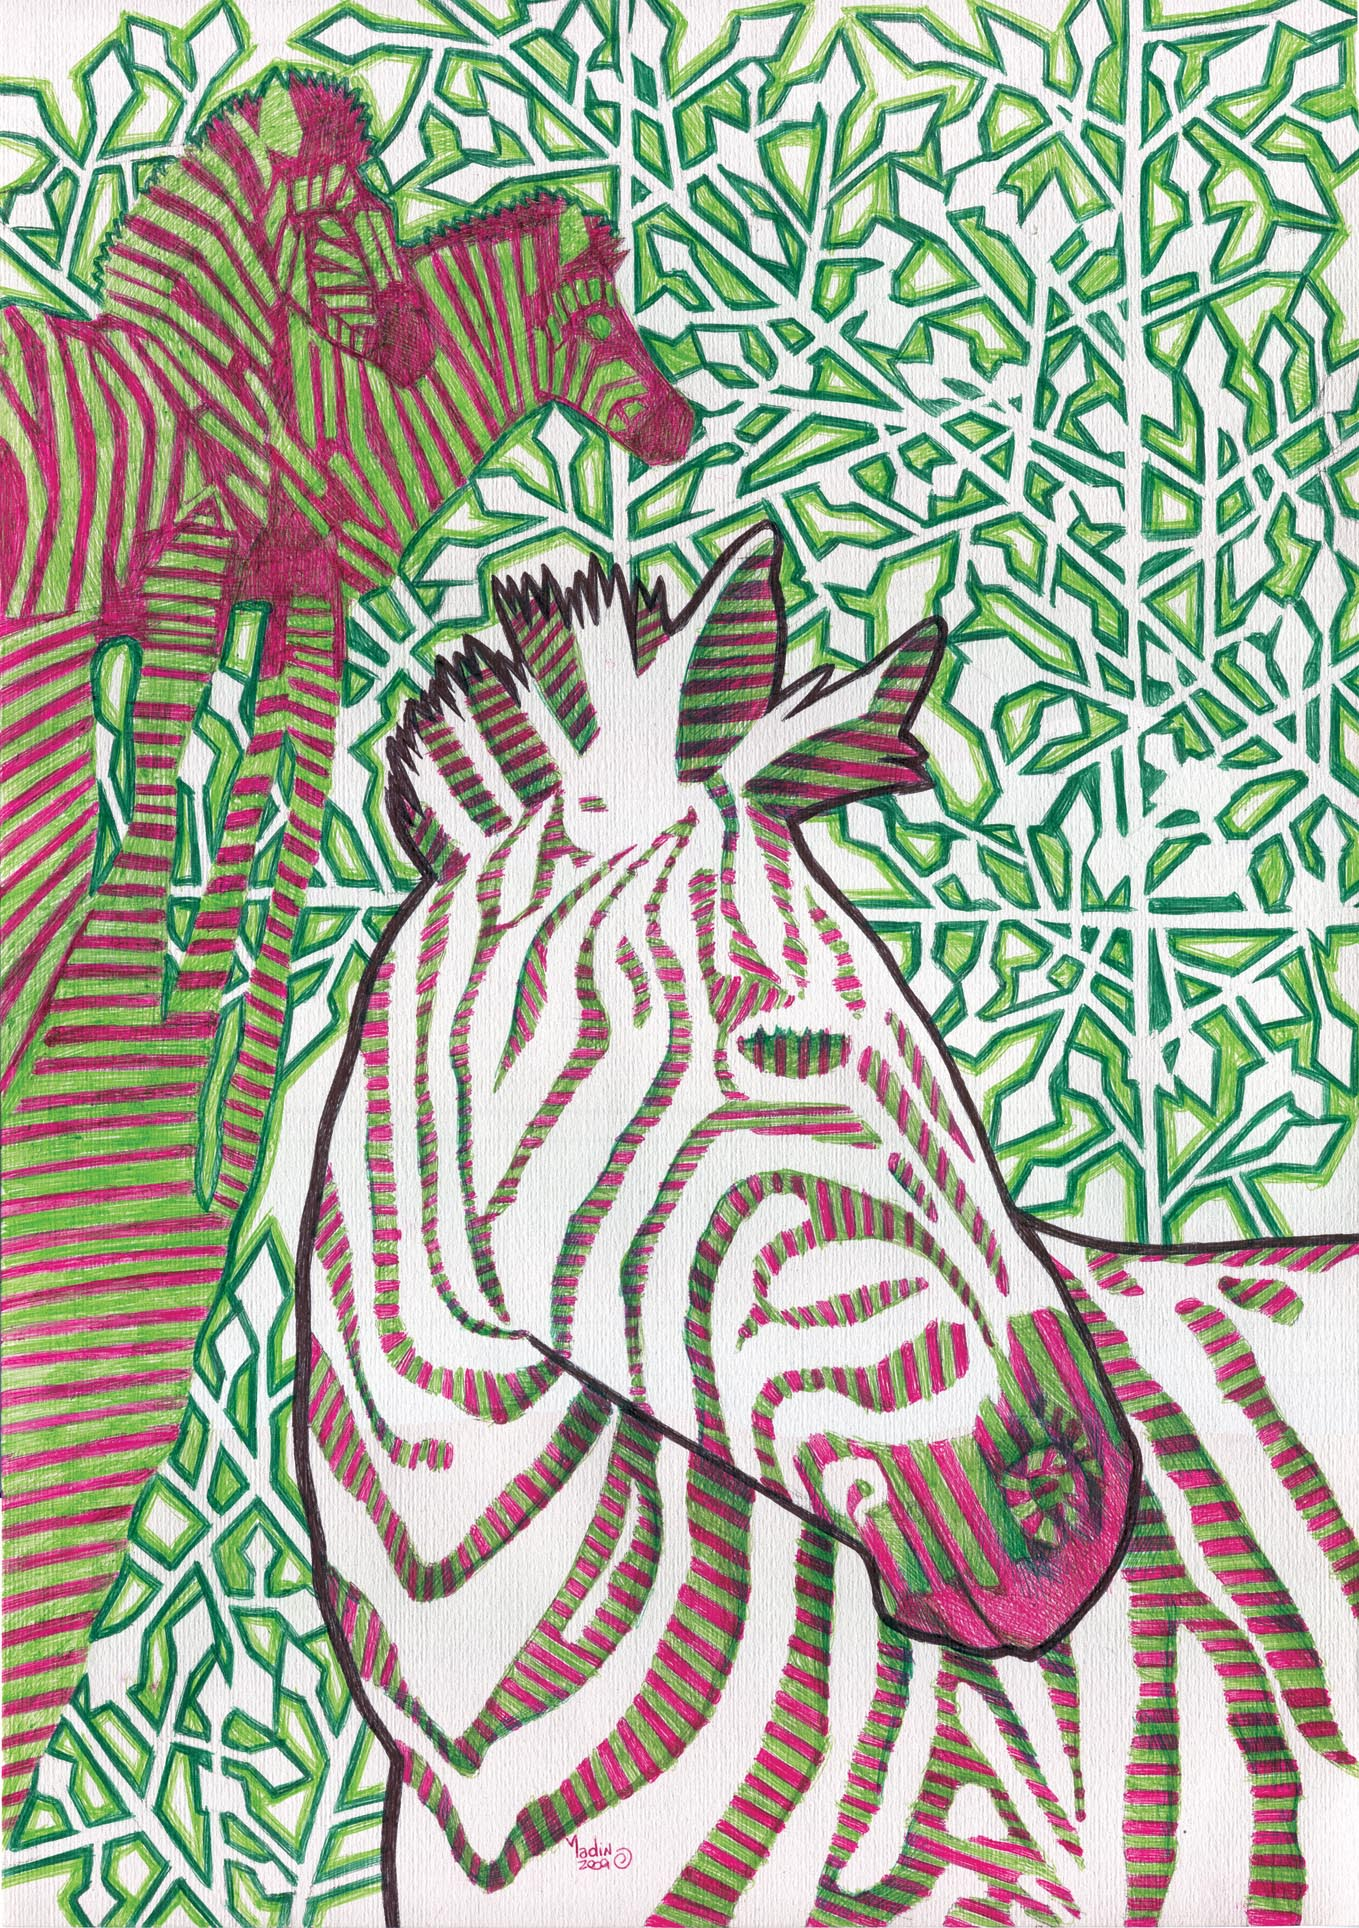 ballpoint pen art - zebras